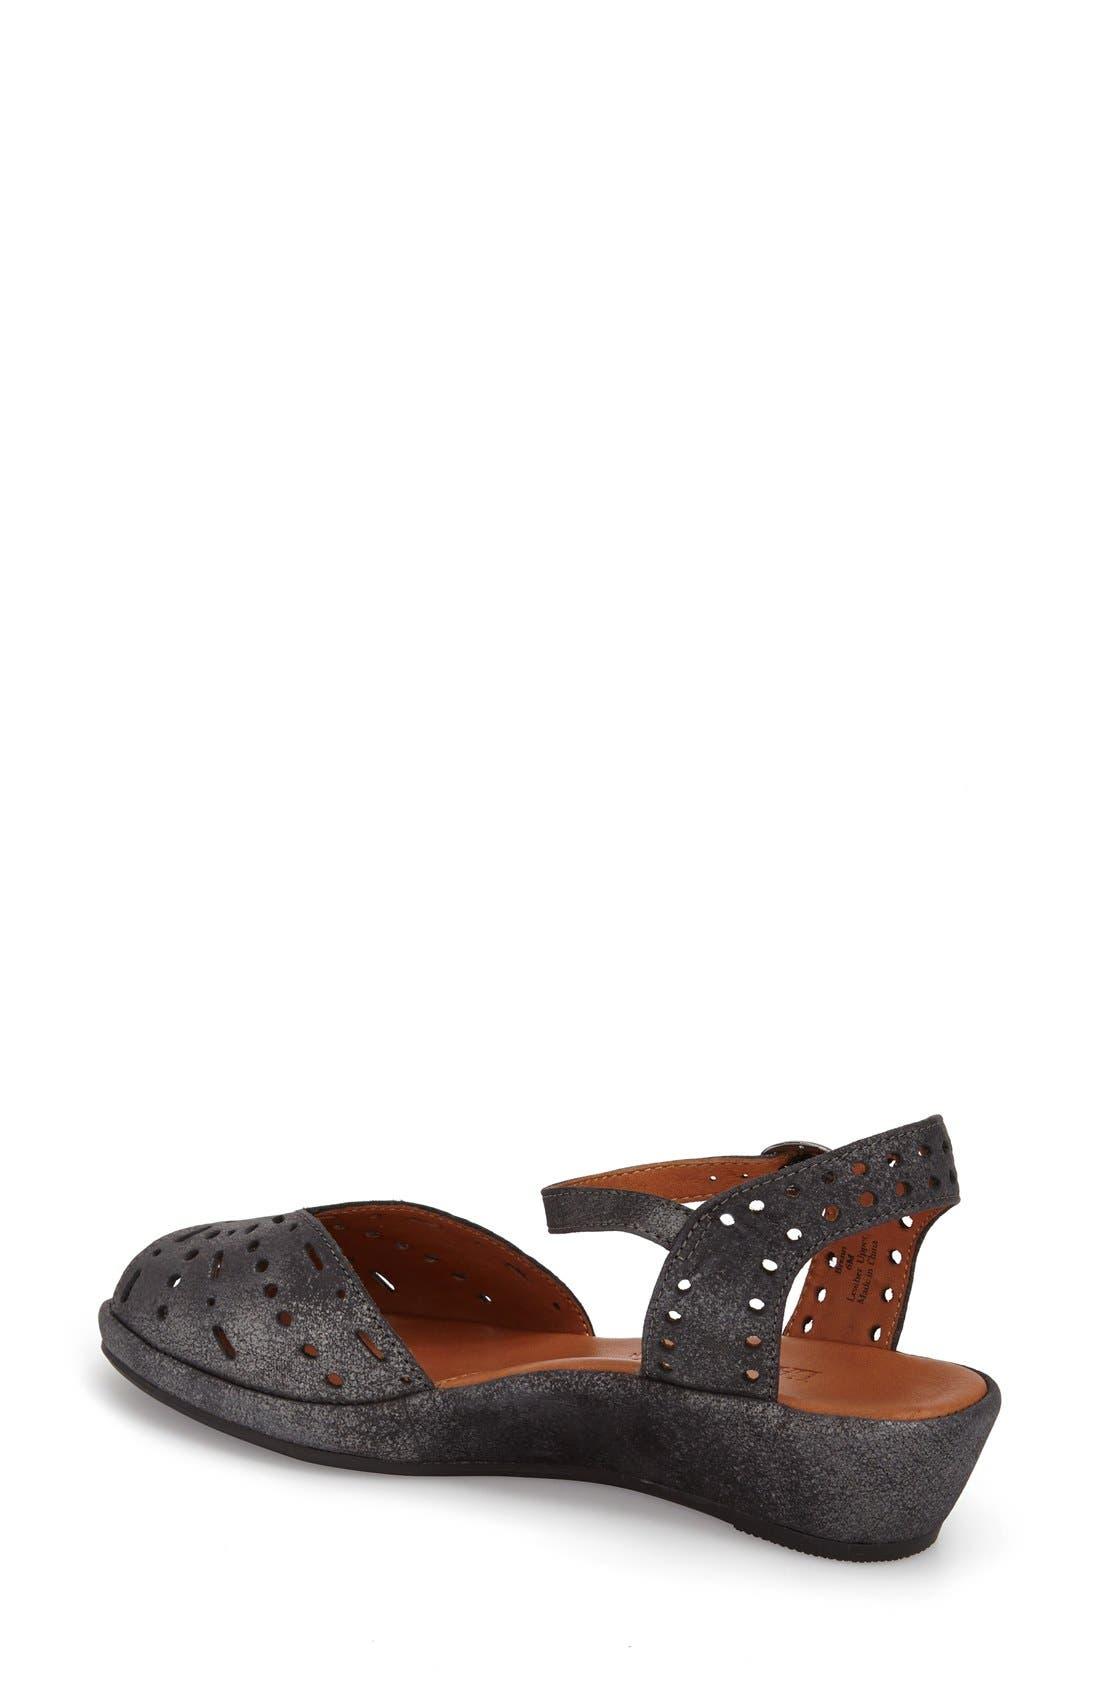 'Brenn' Ankle Strap Sandal,                             Alternate thumbnail 2, color,                             Graphite Leather